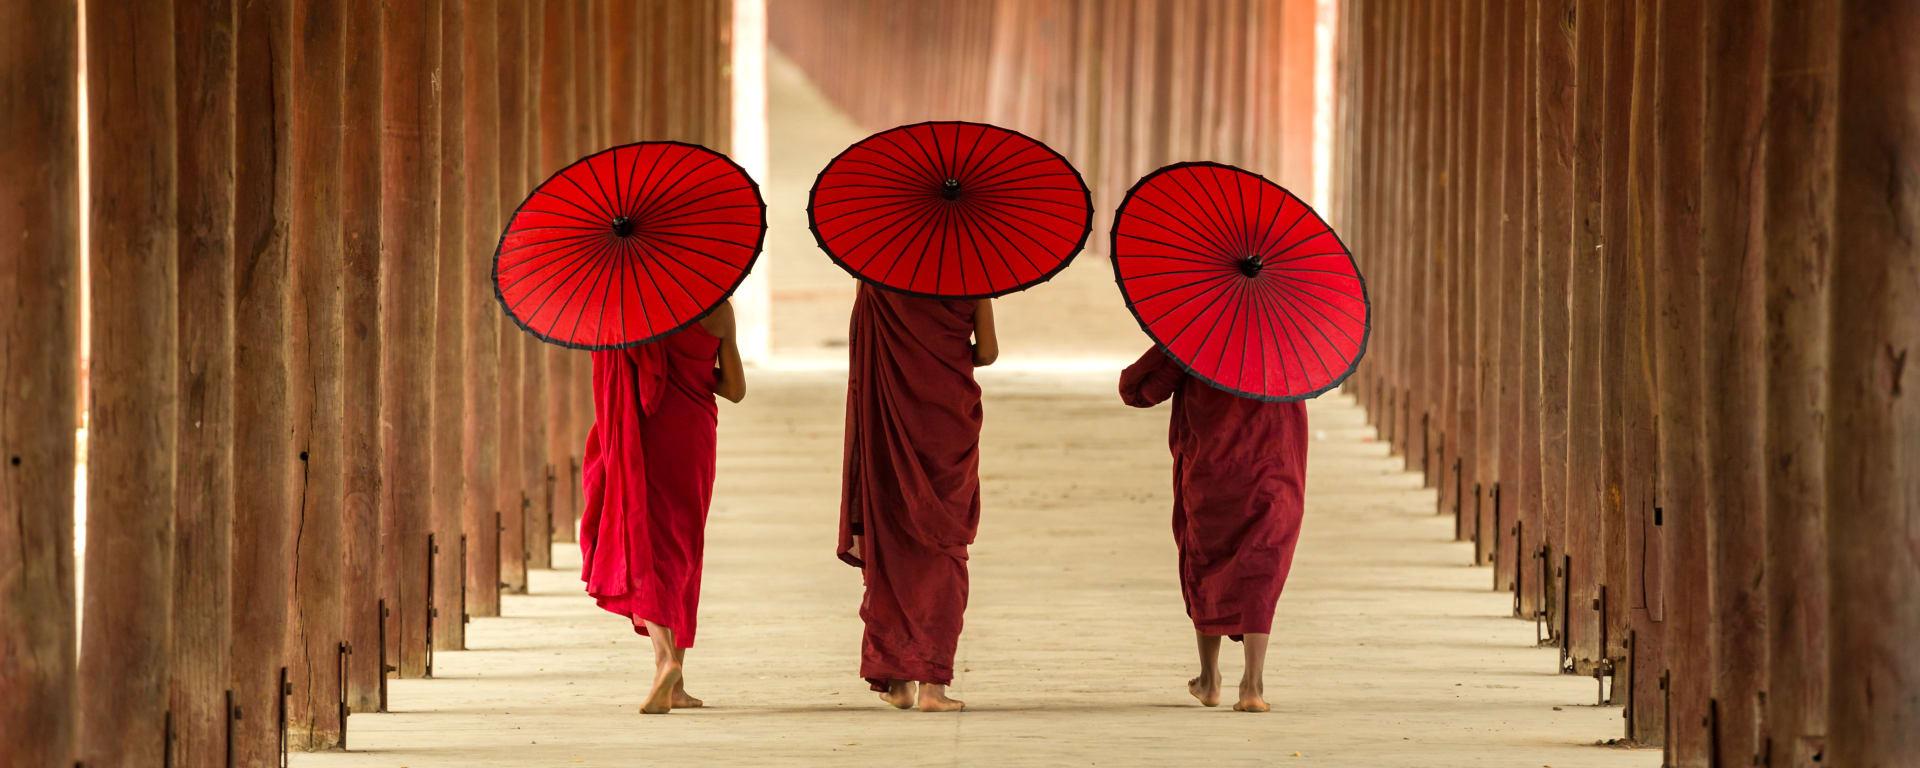 Myanmar entdecken mit Tischler Reisen: Myanmar Mandalay Moenche